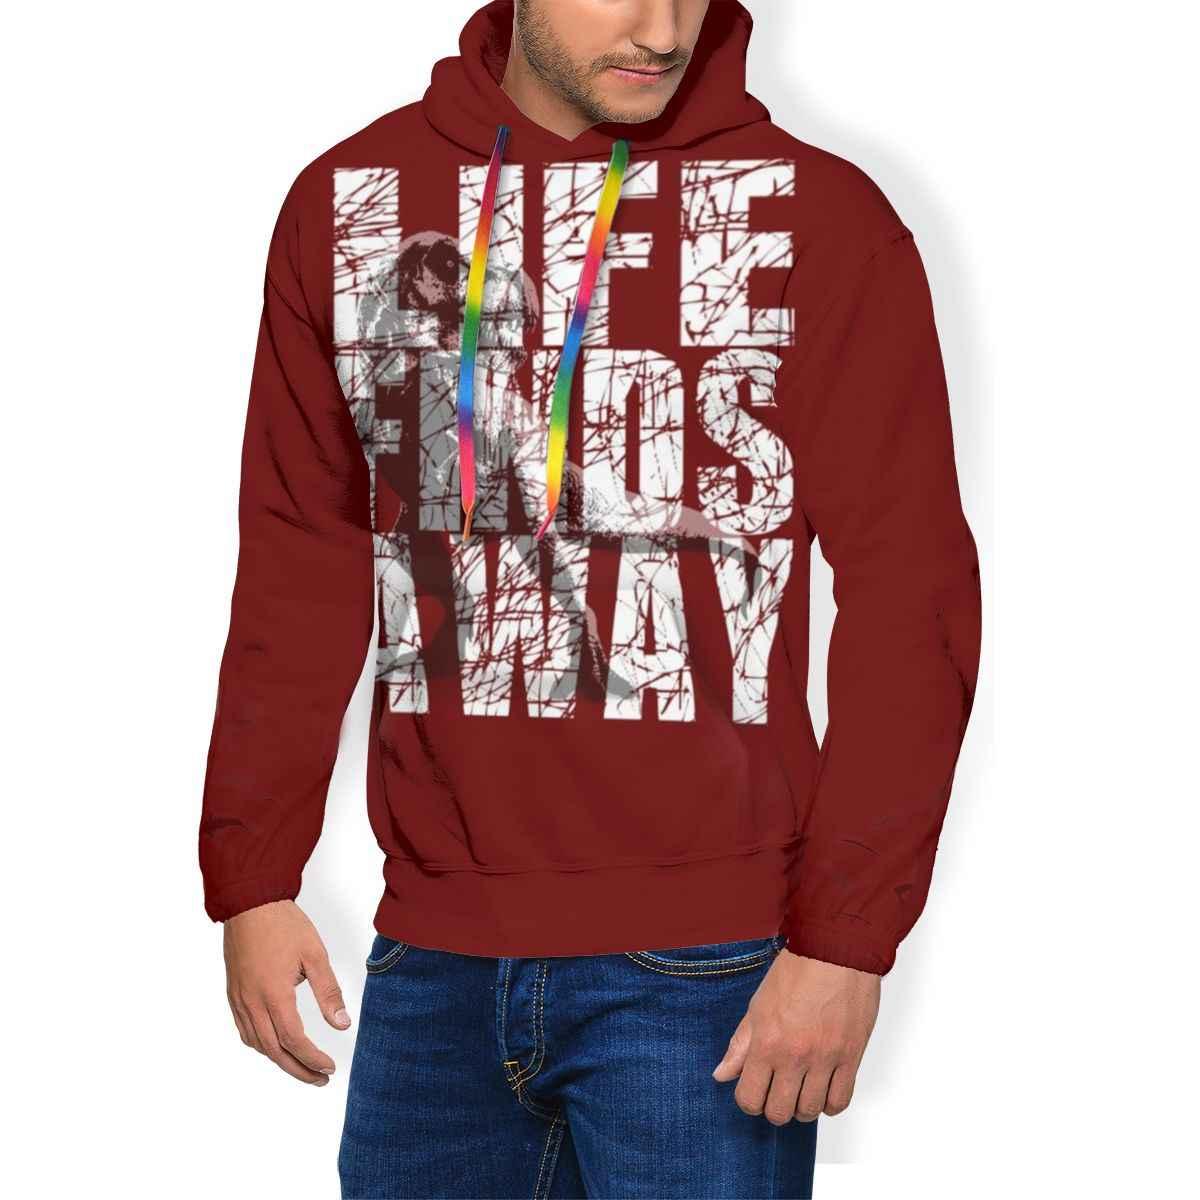 Jurrasic ХУДИ С Логотипом Группы Линкин Парк s Уличная одежда синий пуловер толстовка теплая длинная Мужская большая популярная Толстовка